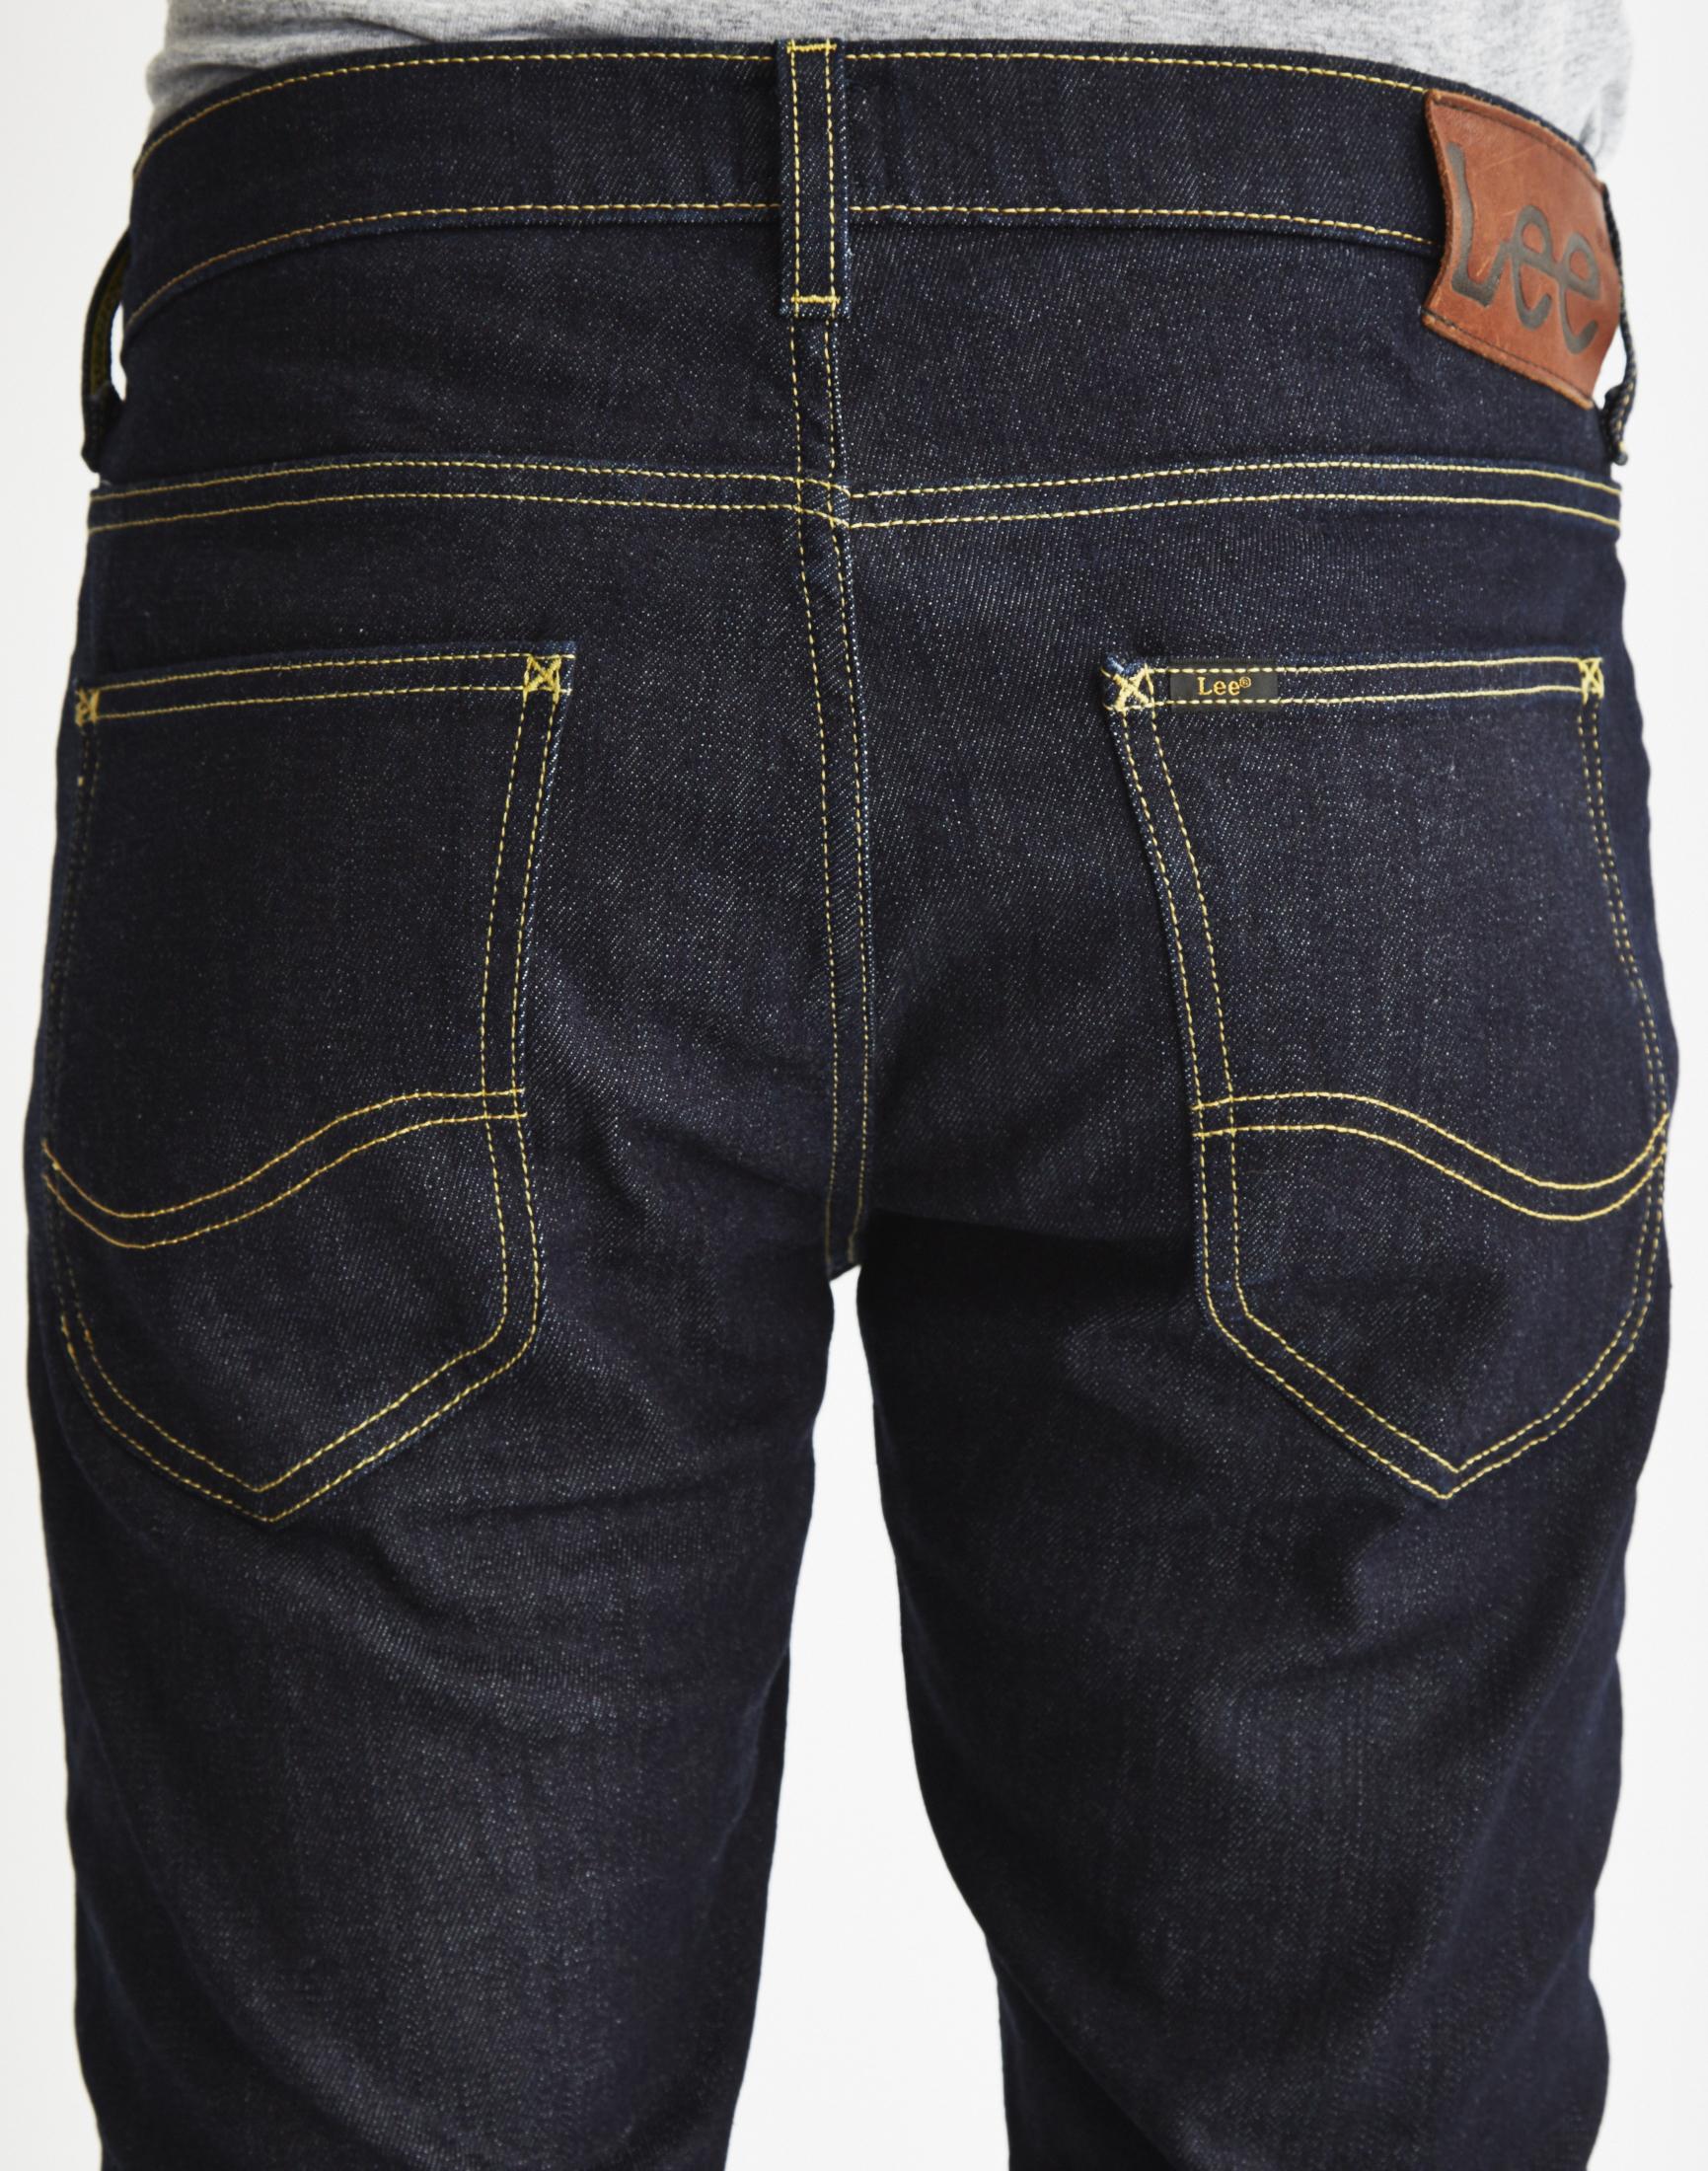 Skinny Jeans For Men Cheap